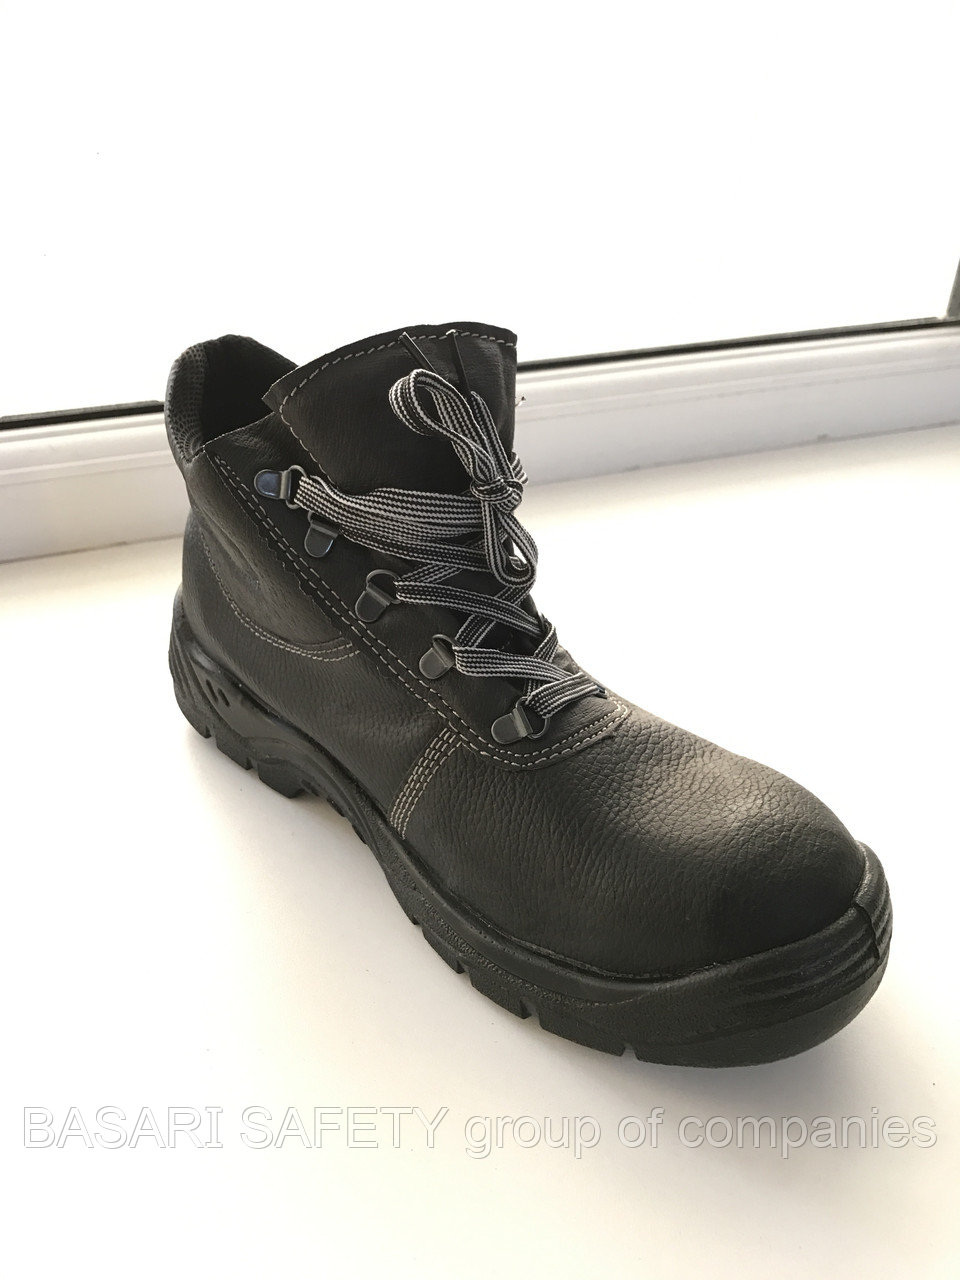 Ботинки из натуральной кожи с метал носком, спецобувь с металлическим подноском